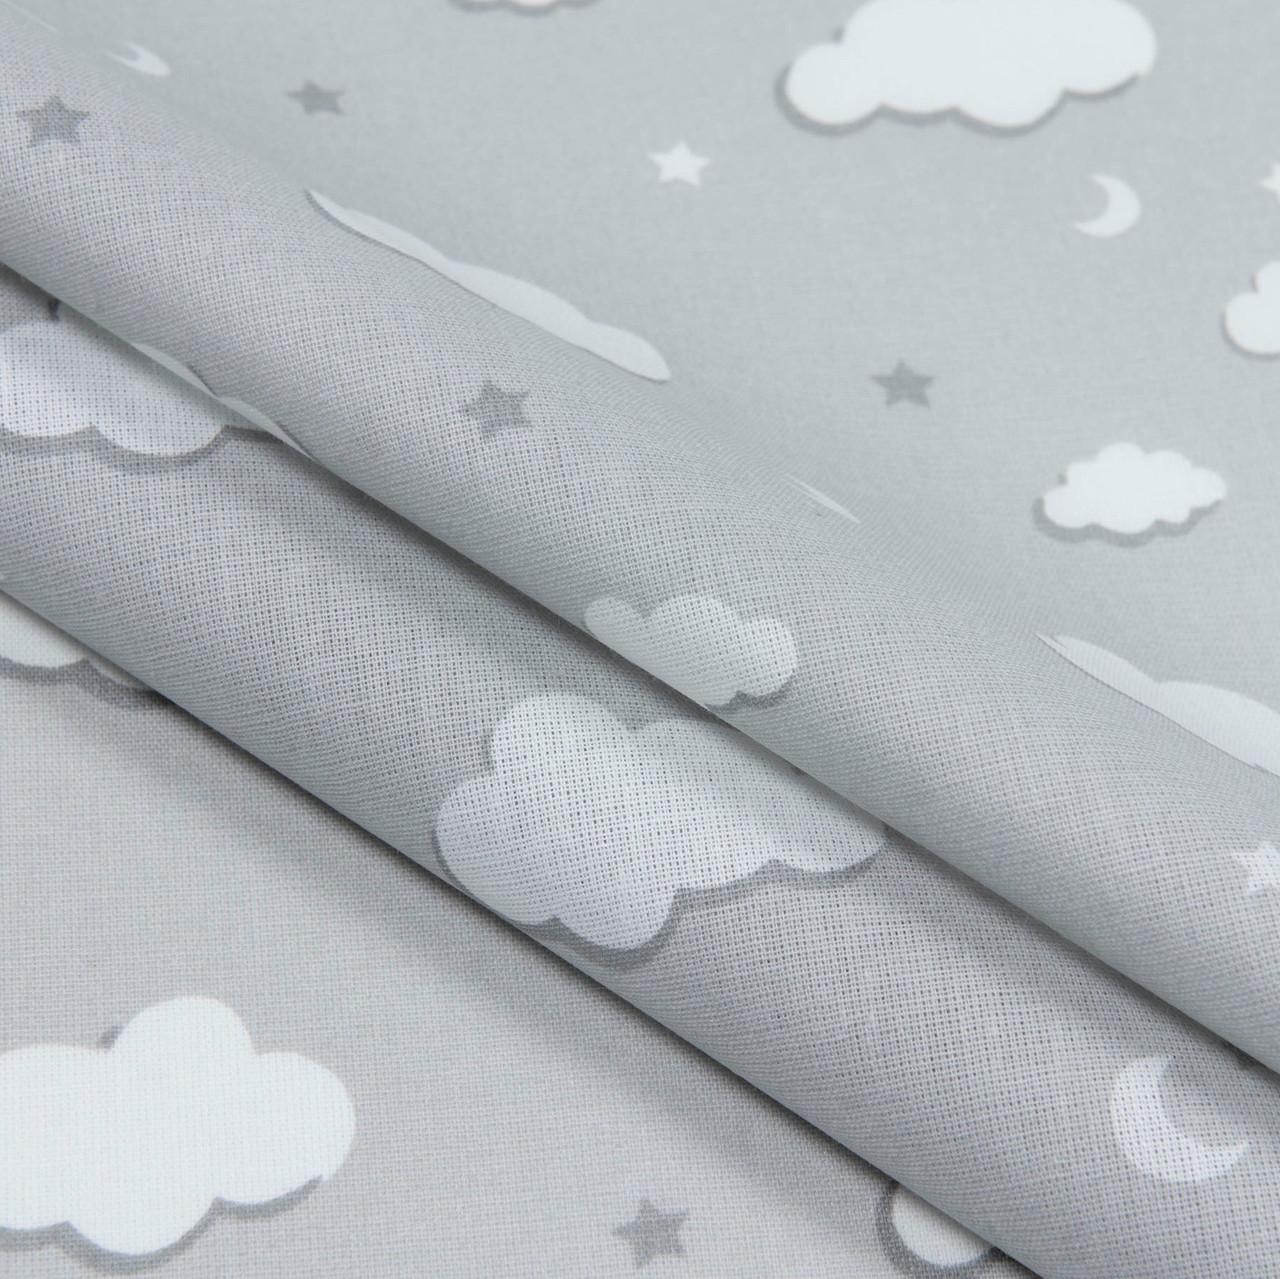 Ткань для постельного белья органический хлопок, фото 1